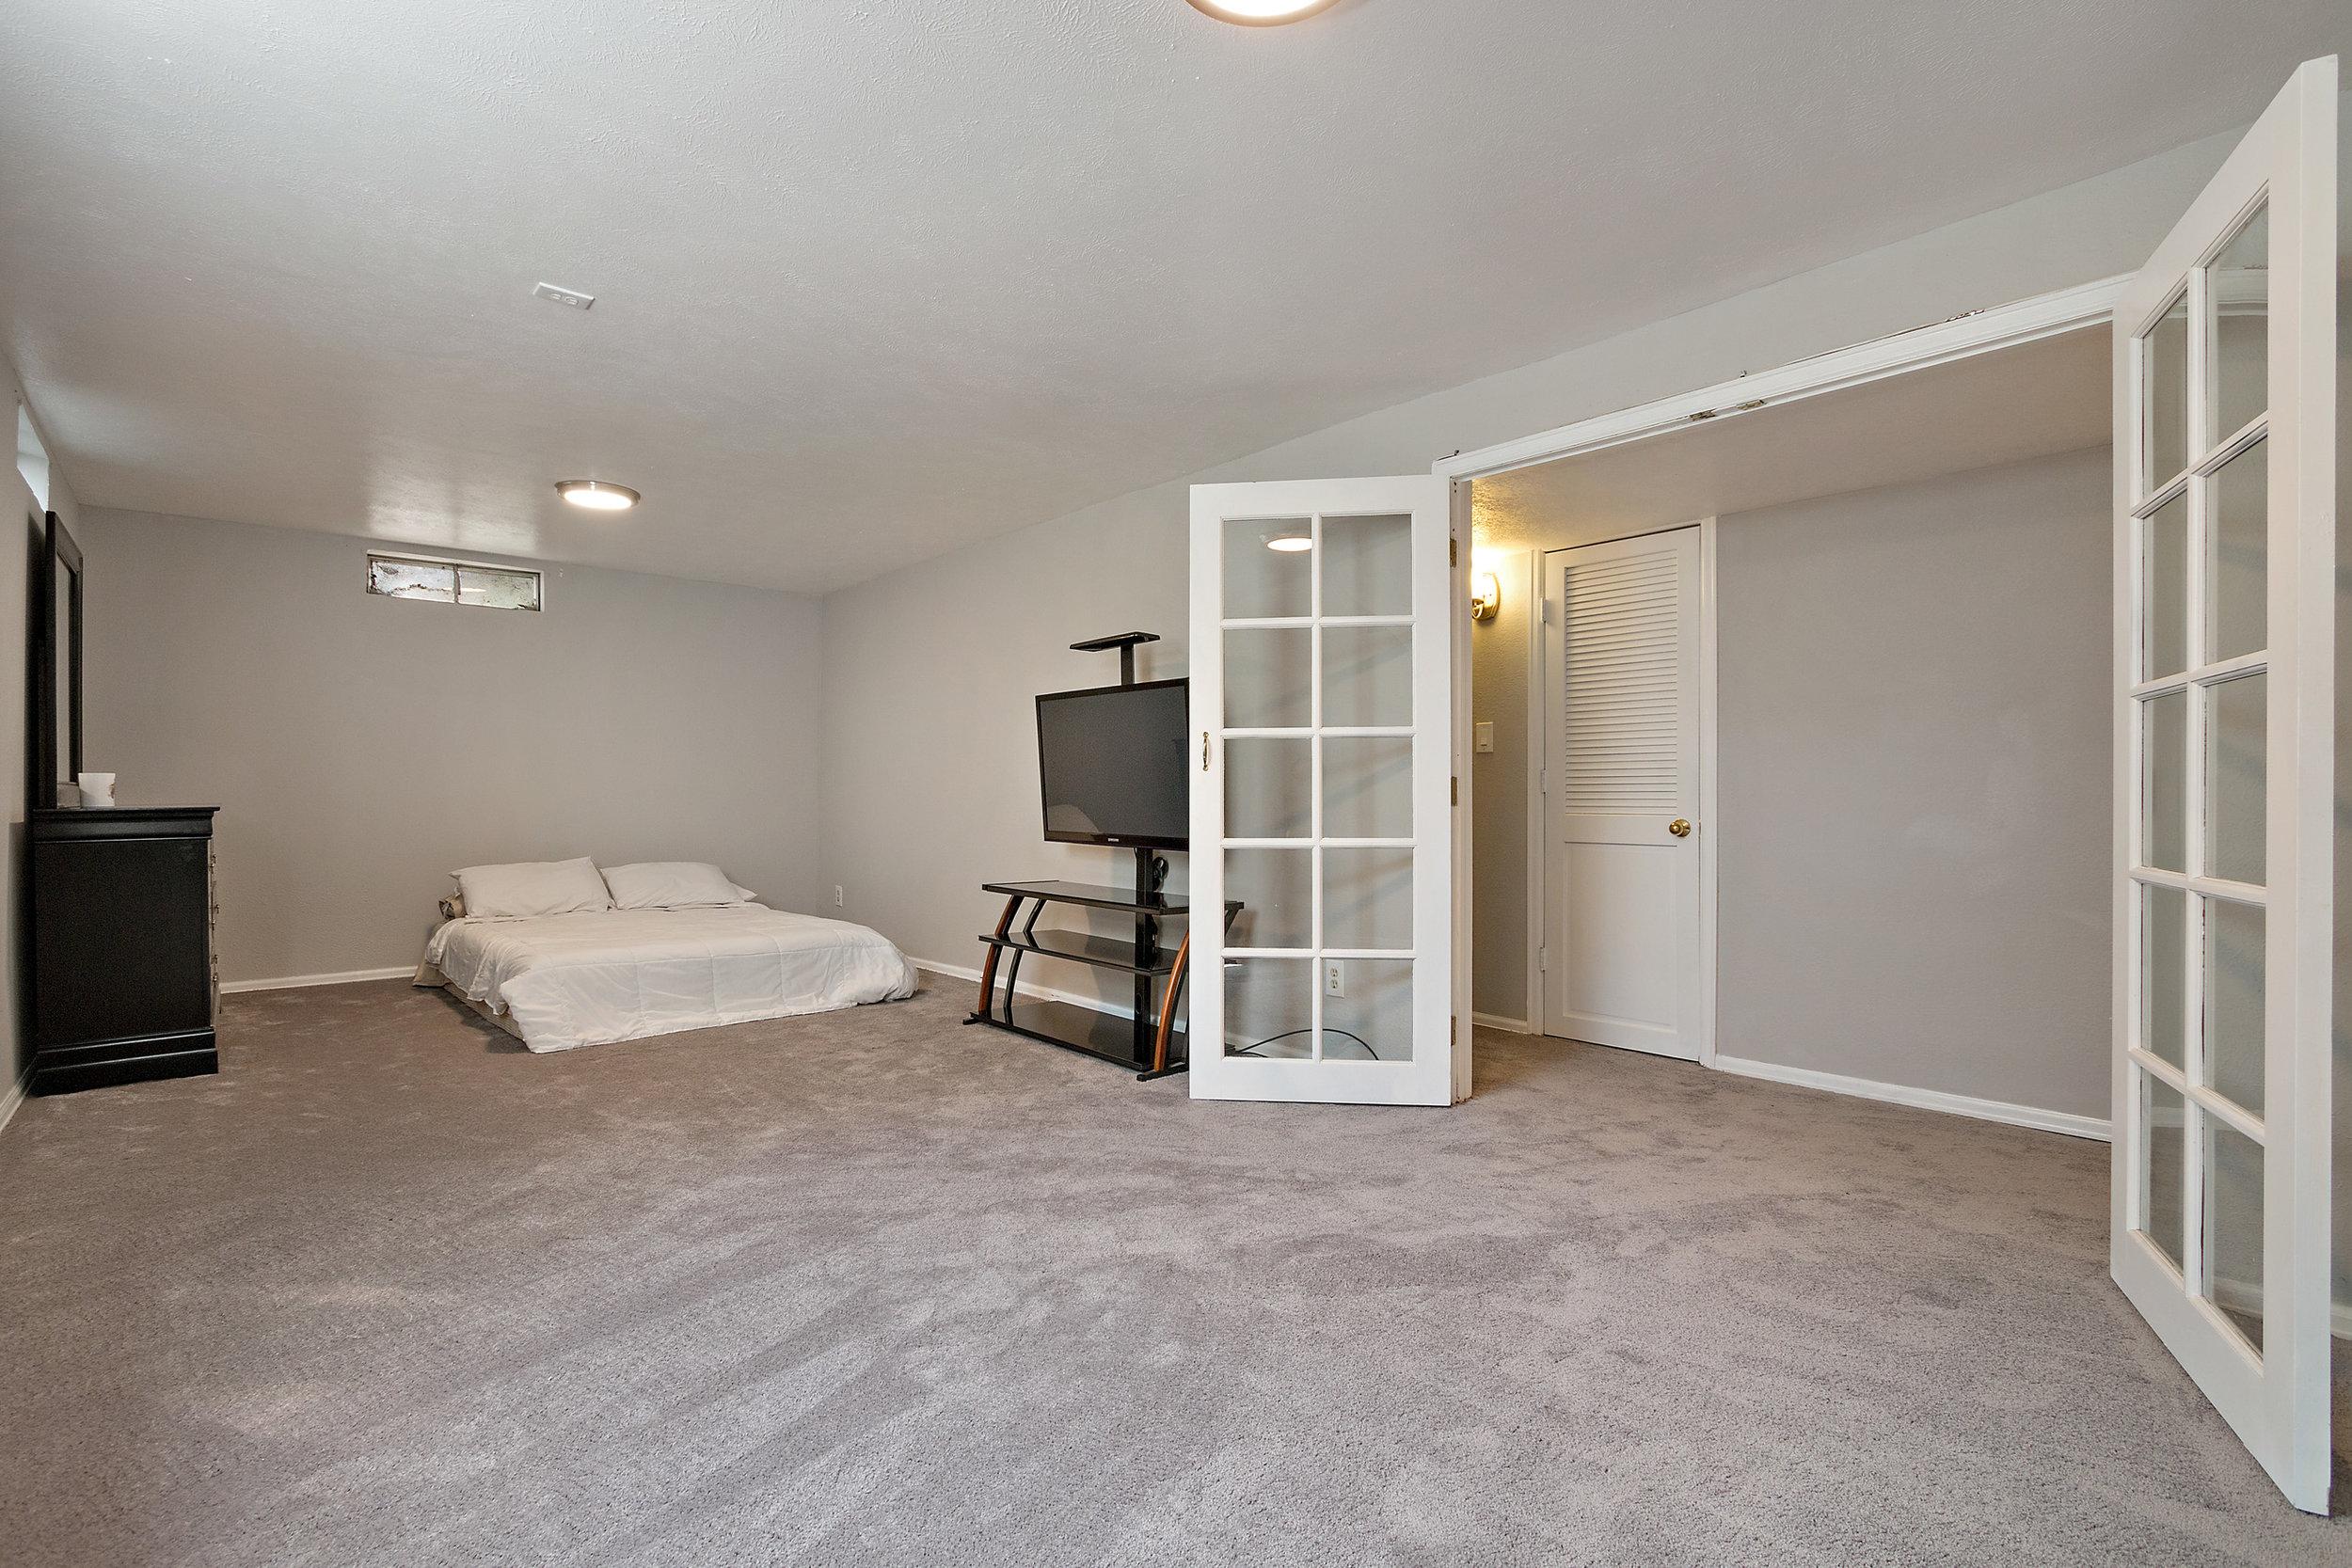 16-Lower Bedroom Flex Space.jpg